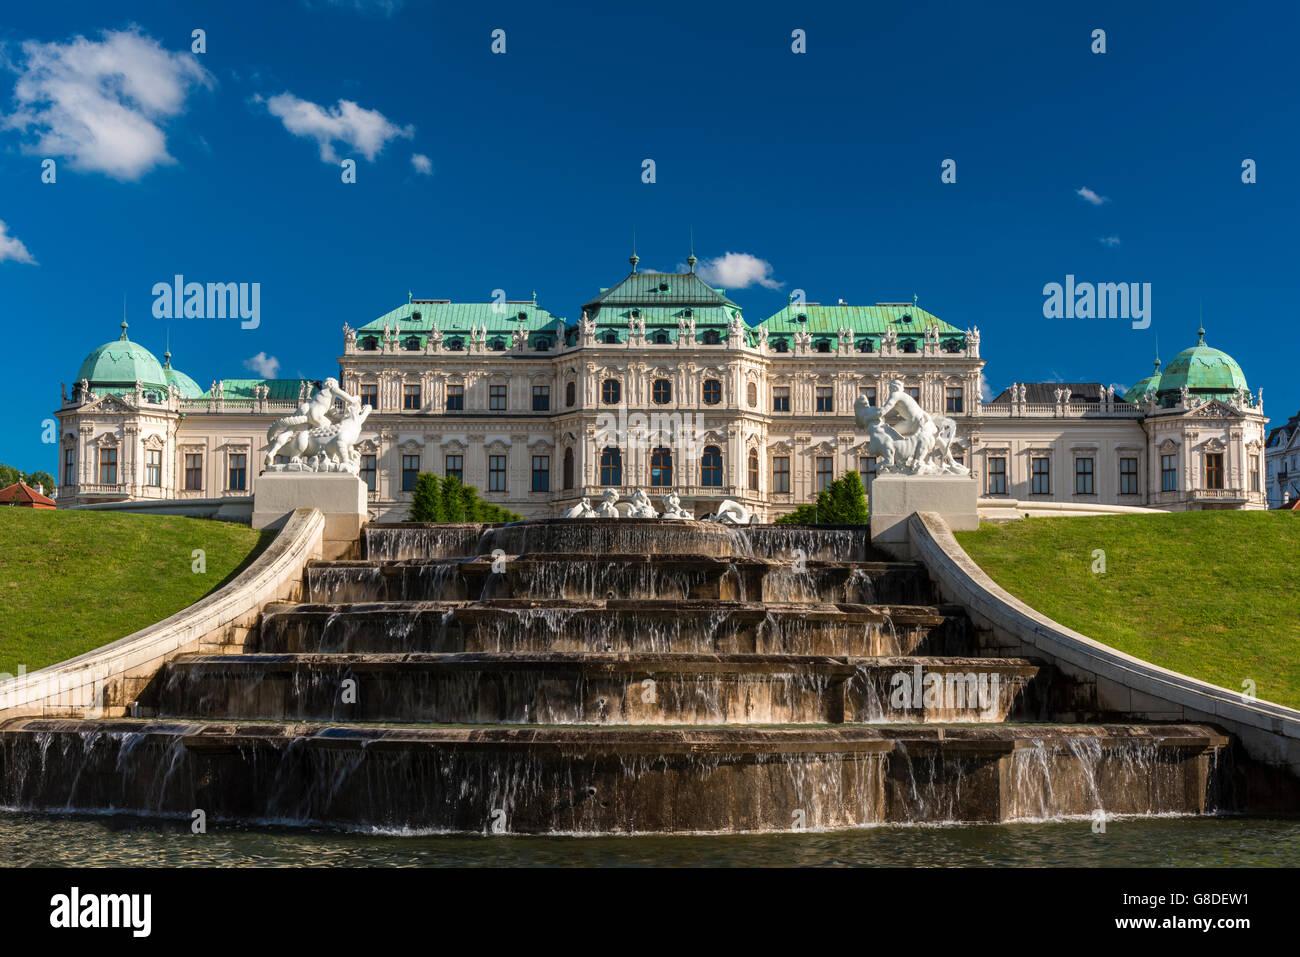 Upper Belvedere, Vienna, Austria - Stock Image